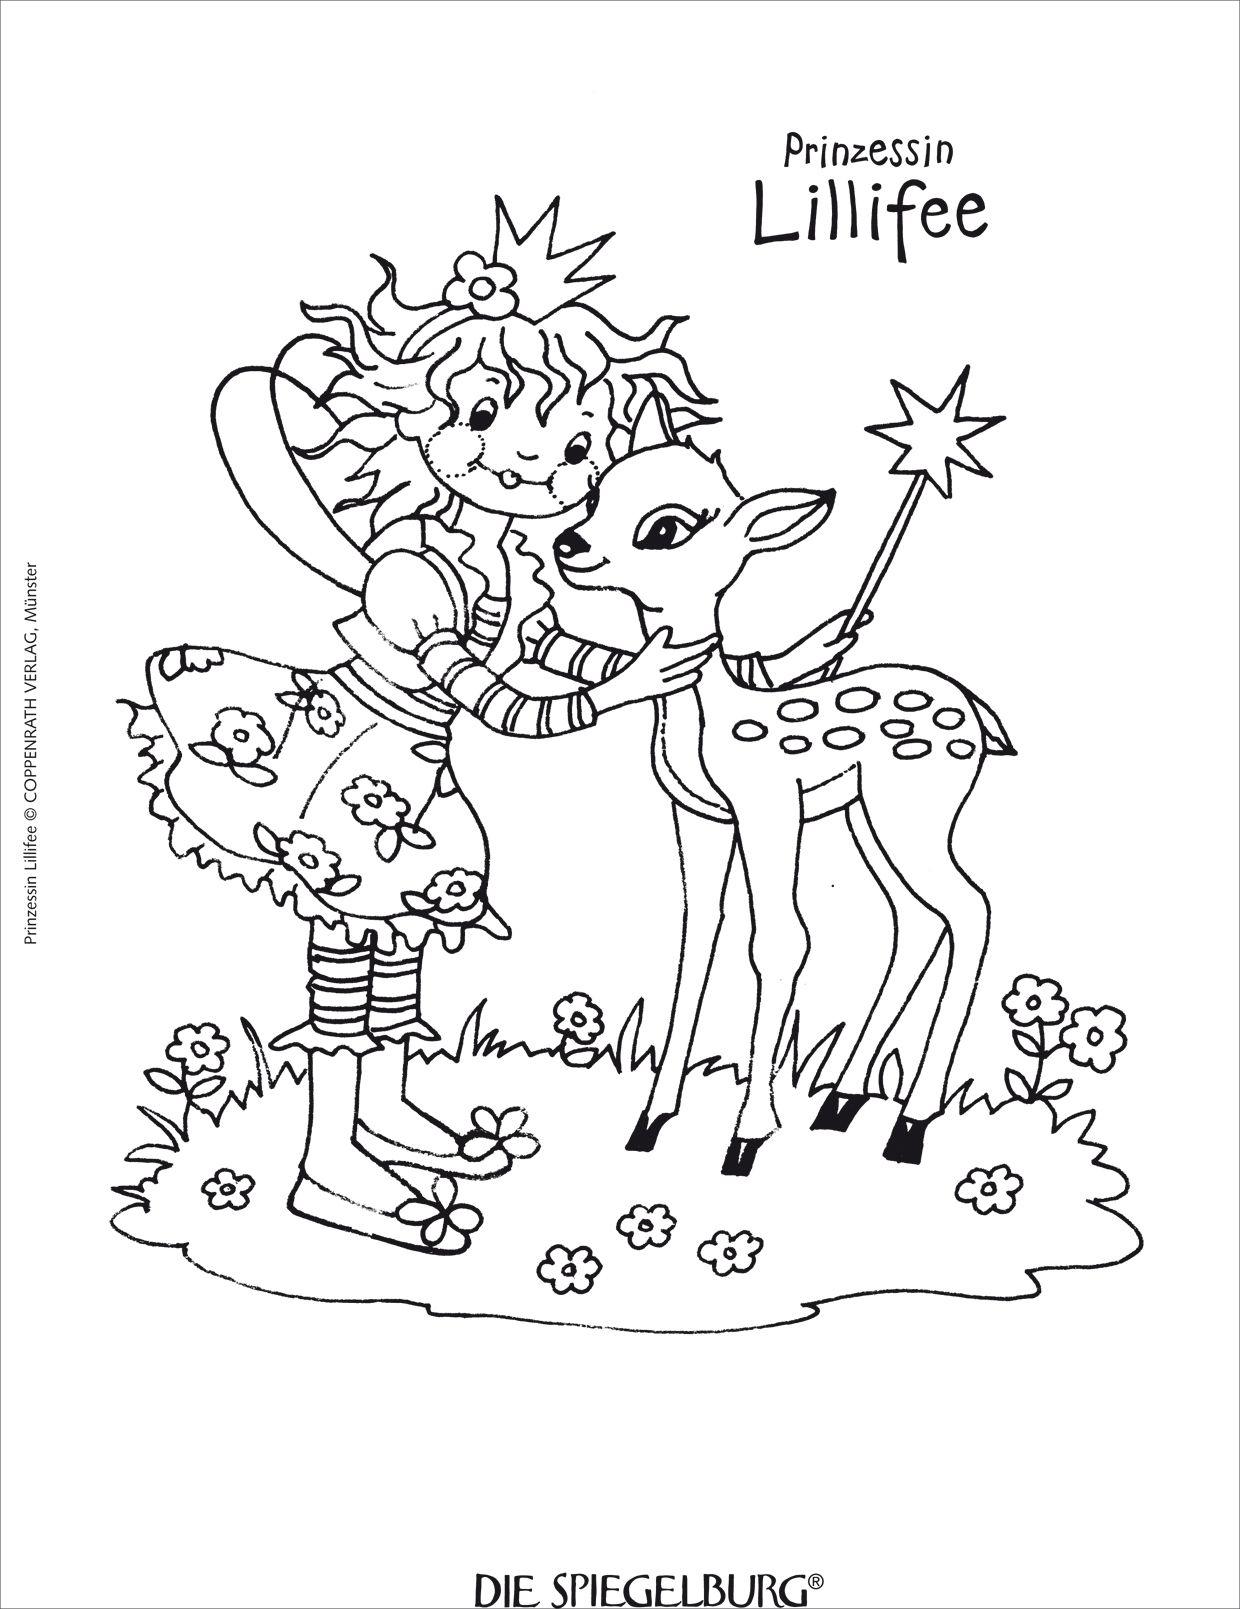 Pin Auf Lillifee Ausmalbild in Malvorlagen Kostenlos Disney